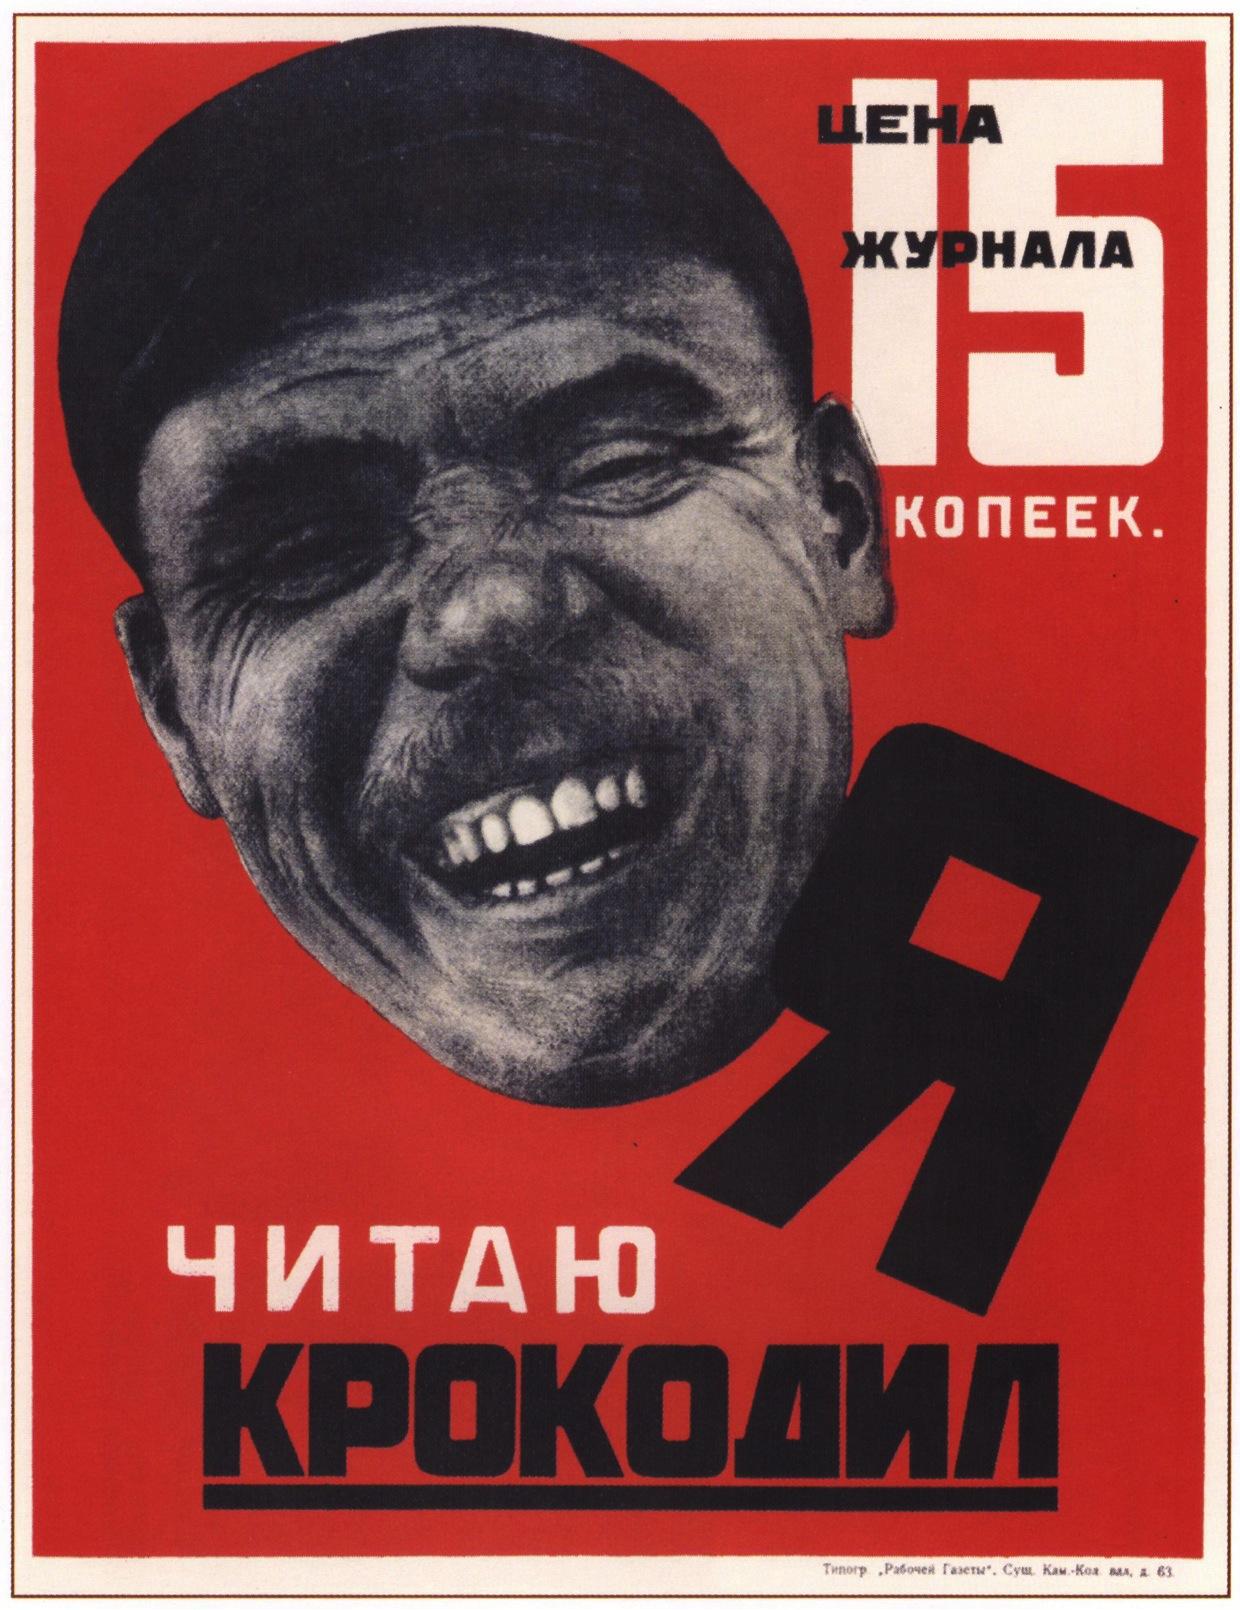 I read the Soviet propaganda 22